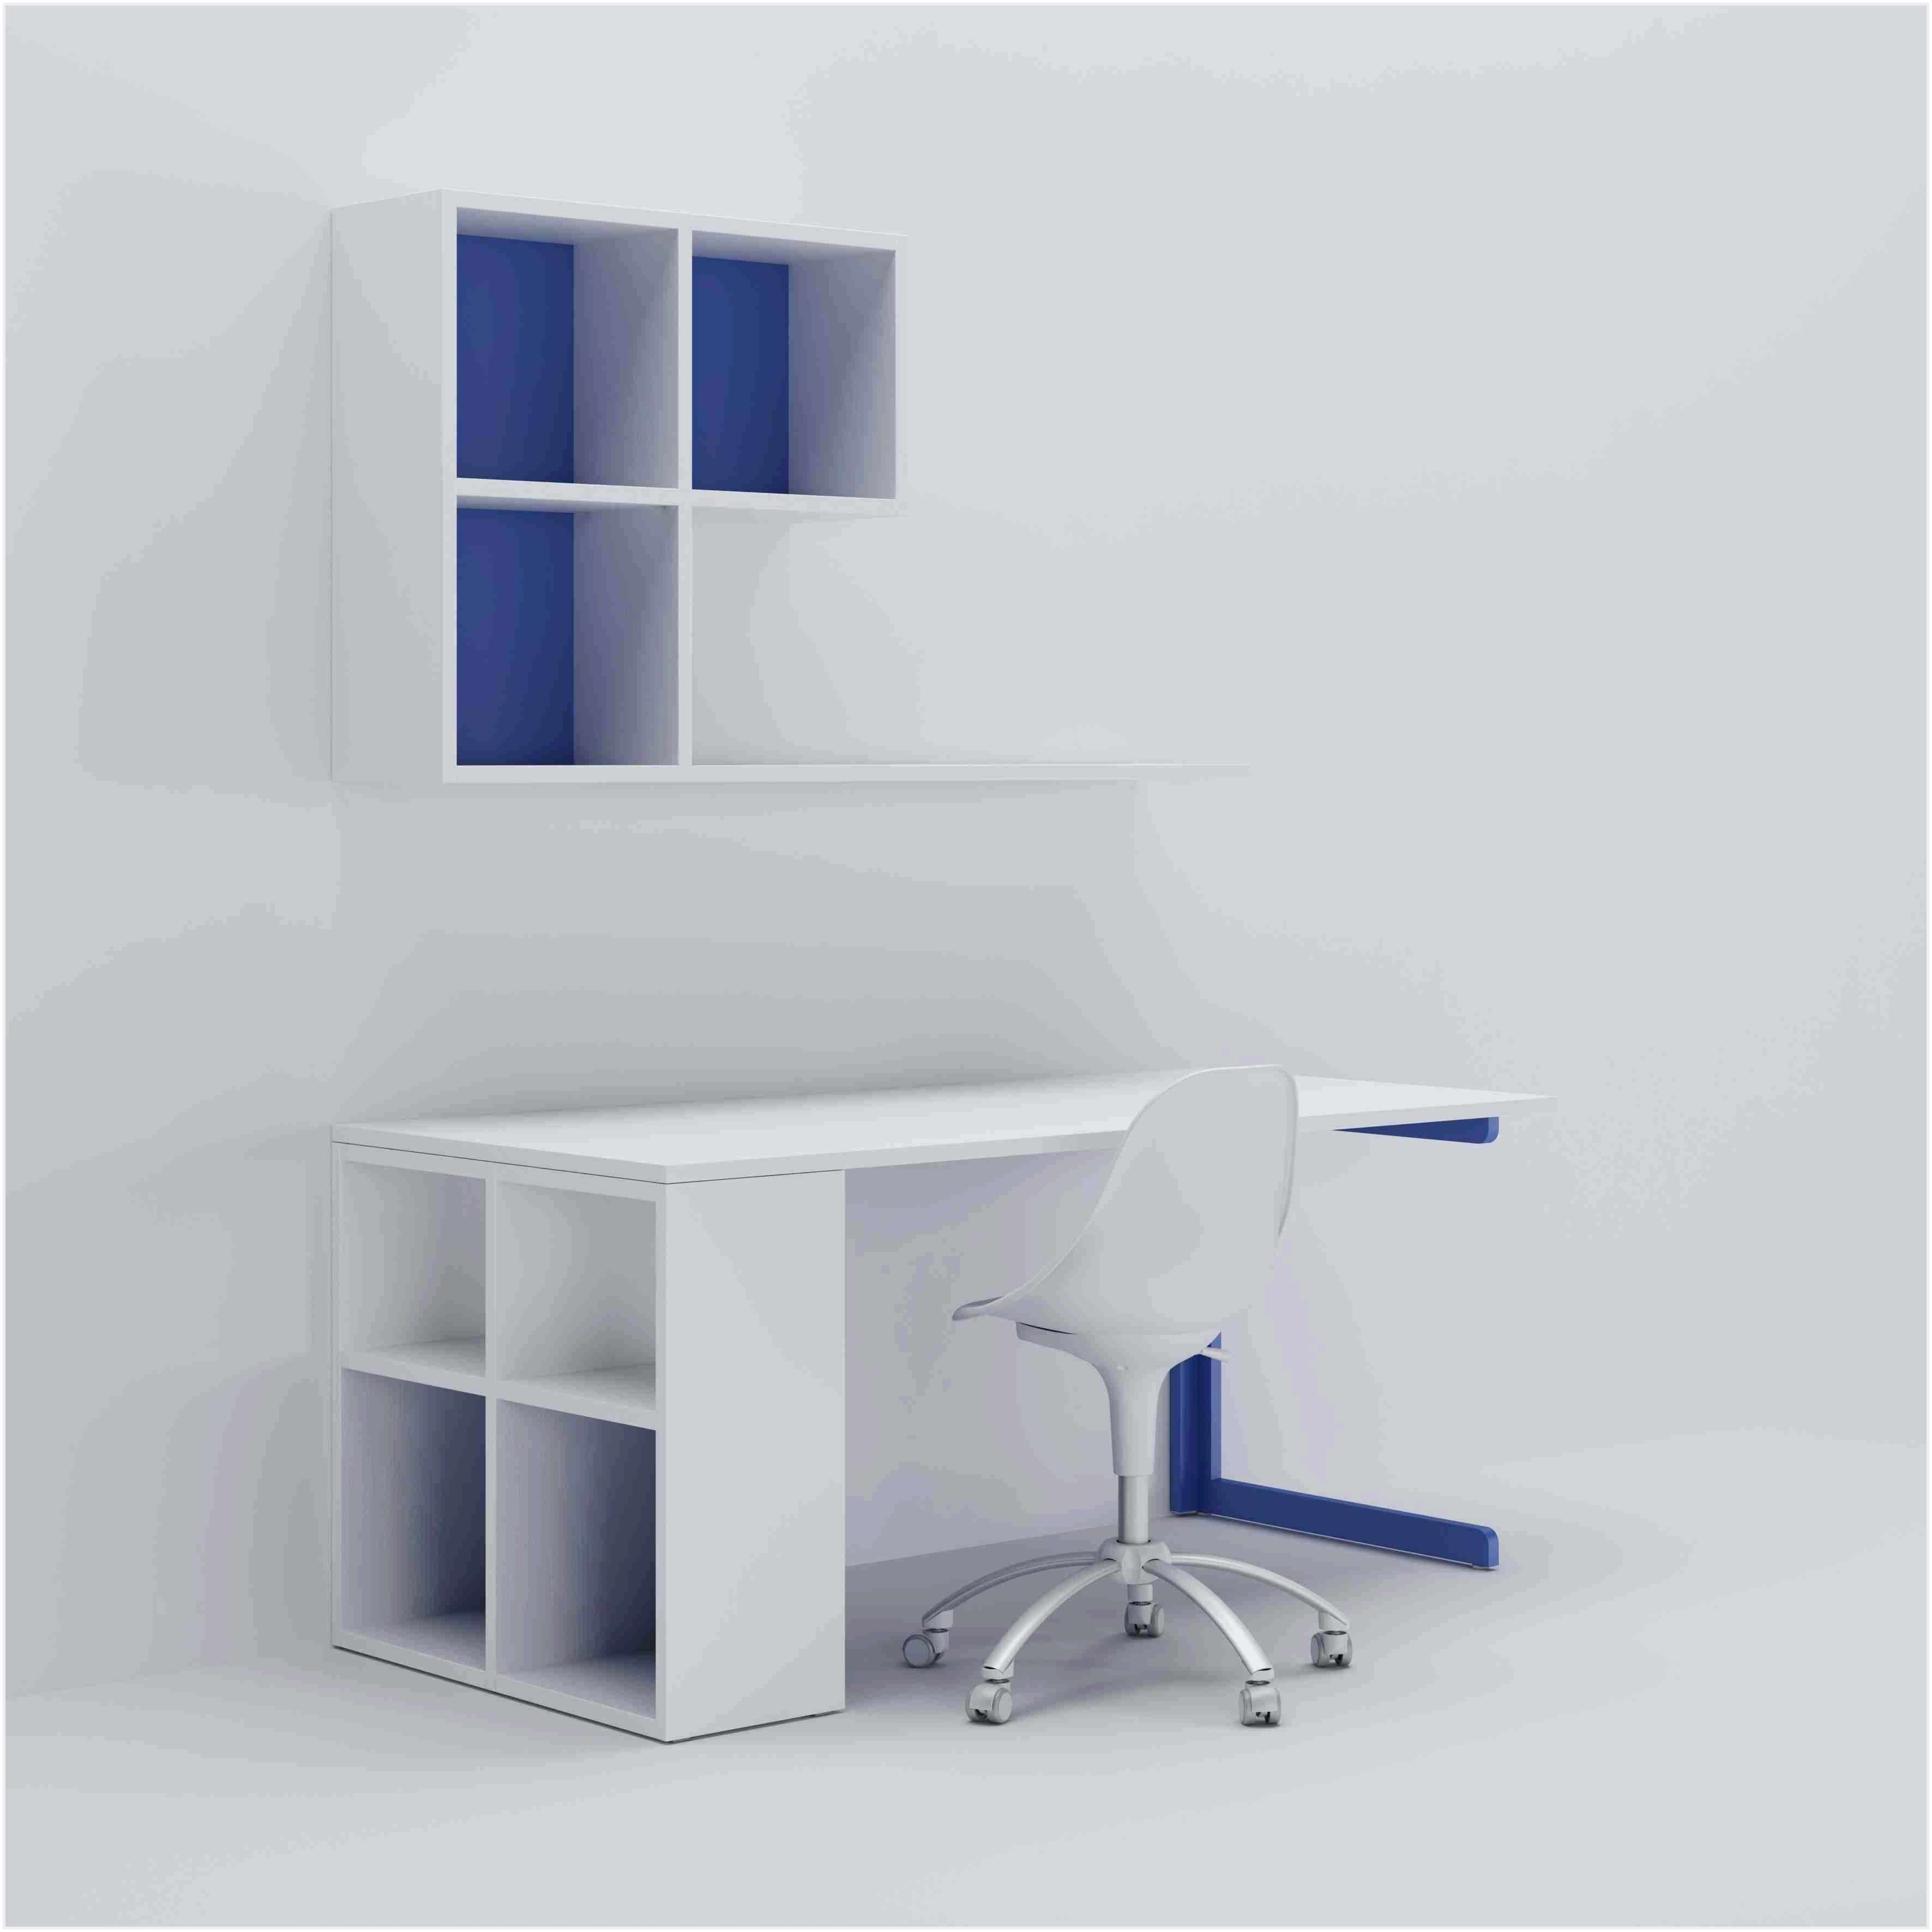 Lit Bureau Ikea Inspiré Beau Etagere Murale Ikea Bureau Best Etagere Design Ikea Luxe S 10